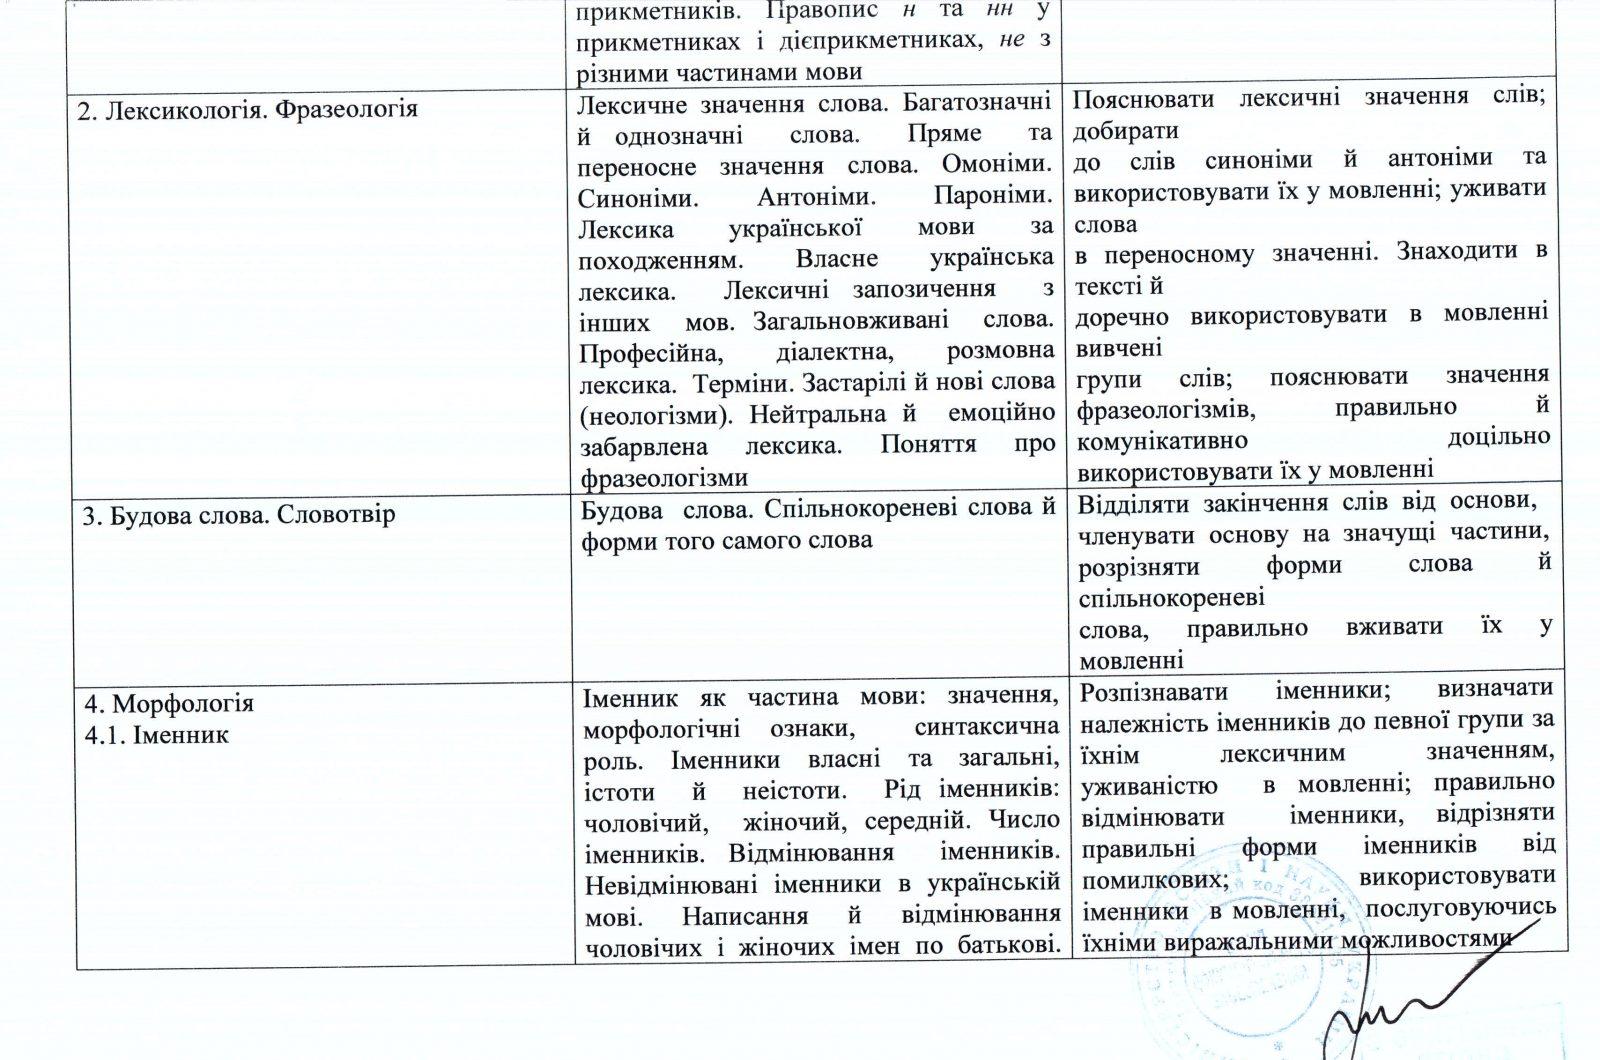 ukr (2)